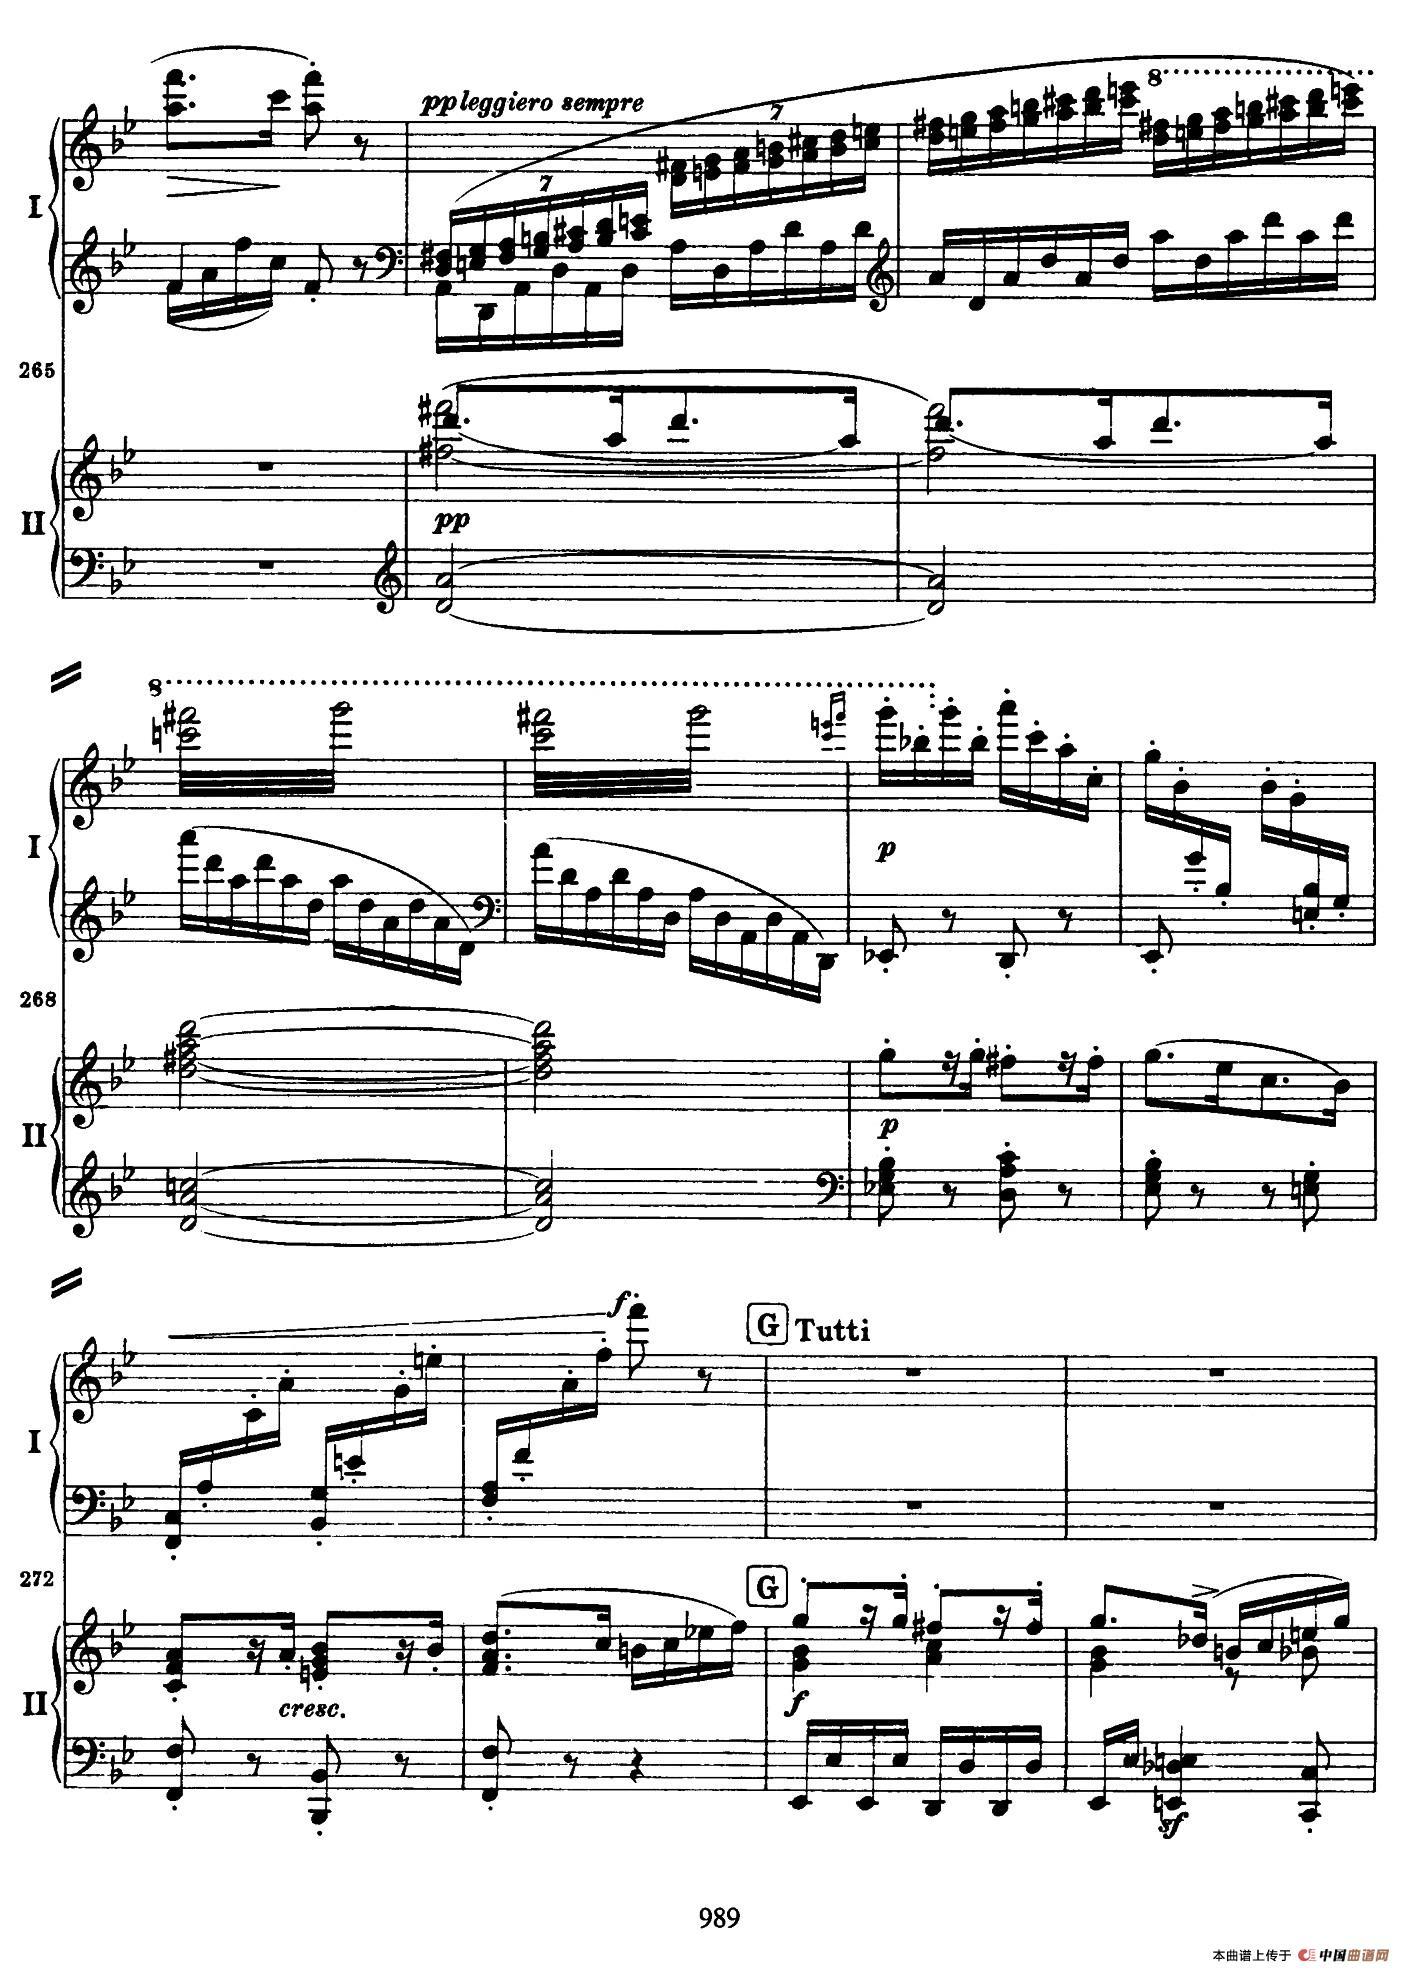 降B大调第二钢琴协奏曲(P91――104)(1)_原文件名:091.jpg